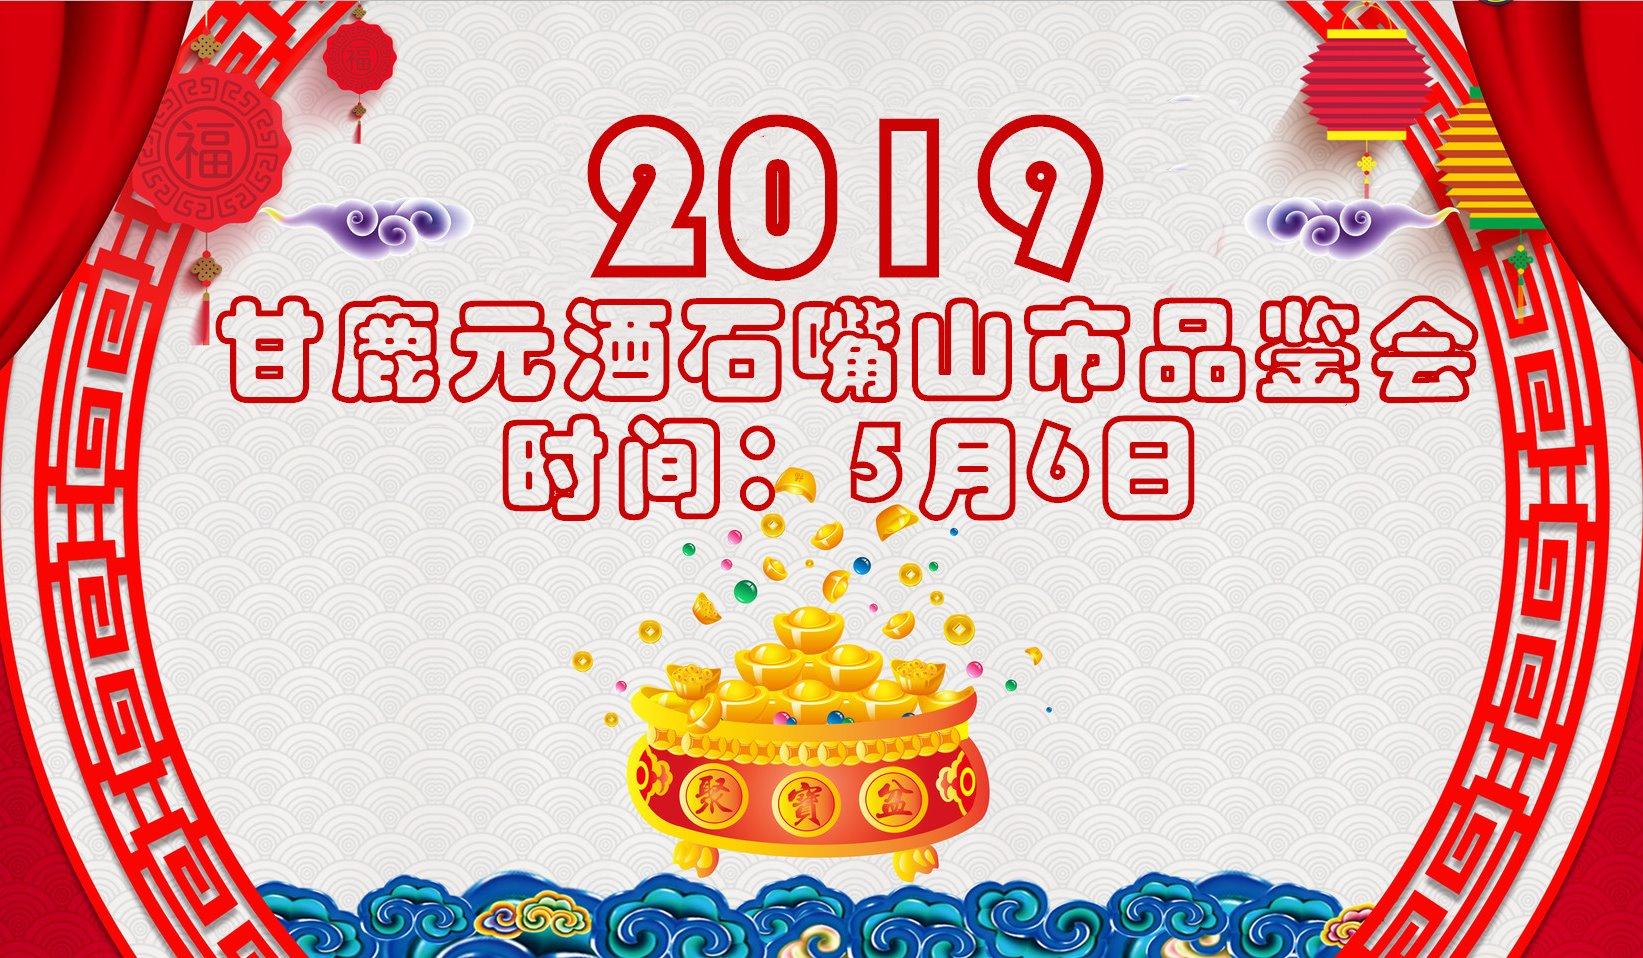 5月6日举办甘鹿元酒石嘴山市品鉴会